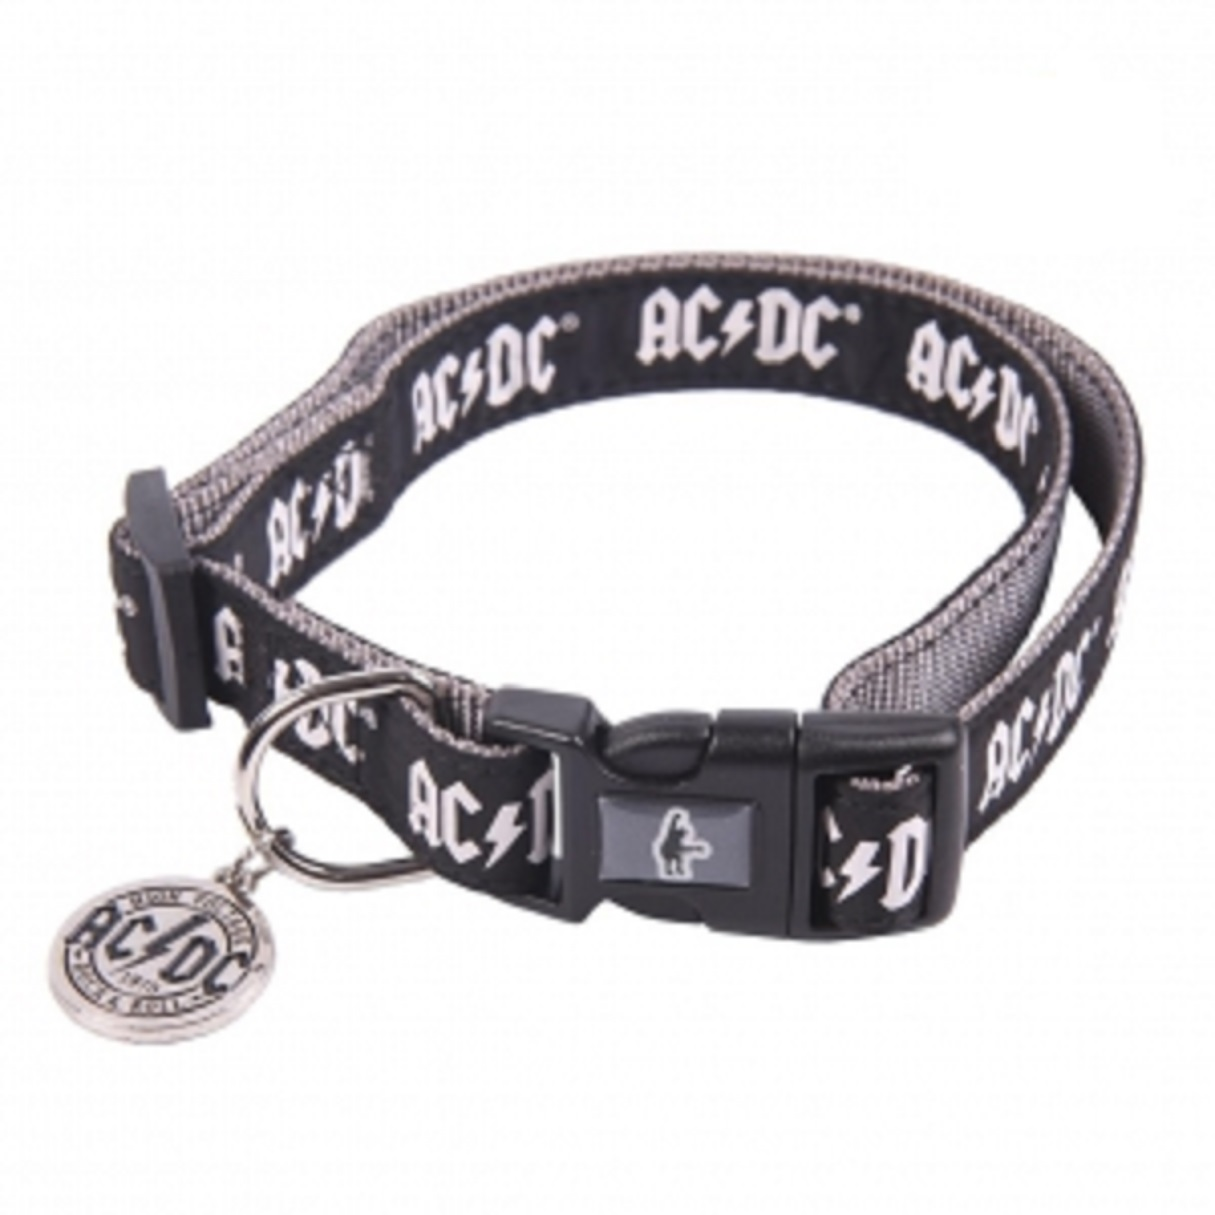 Zgarda pentru catei - AC/DC - Marimea M/L